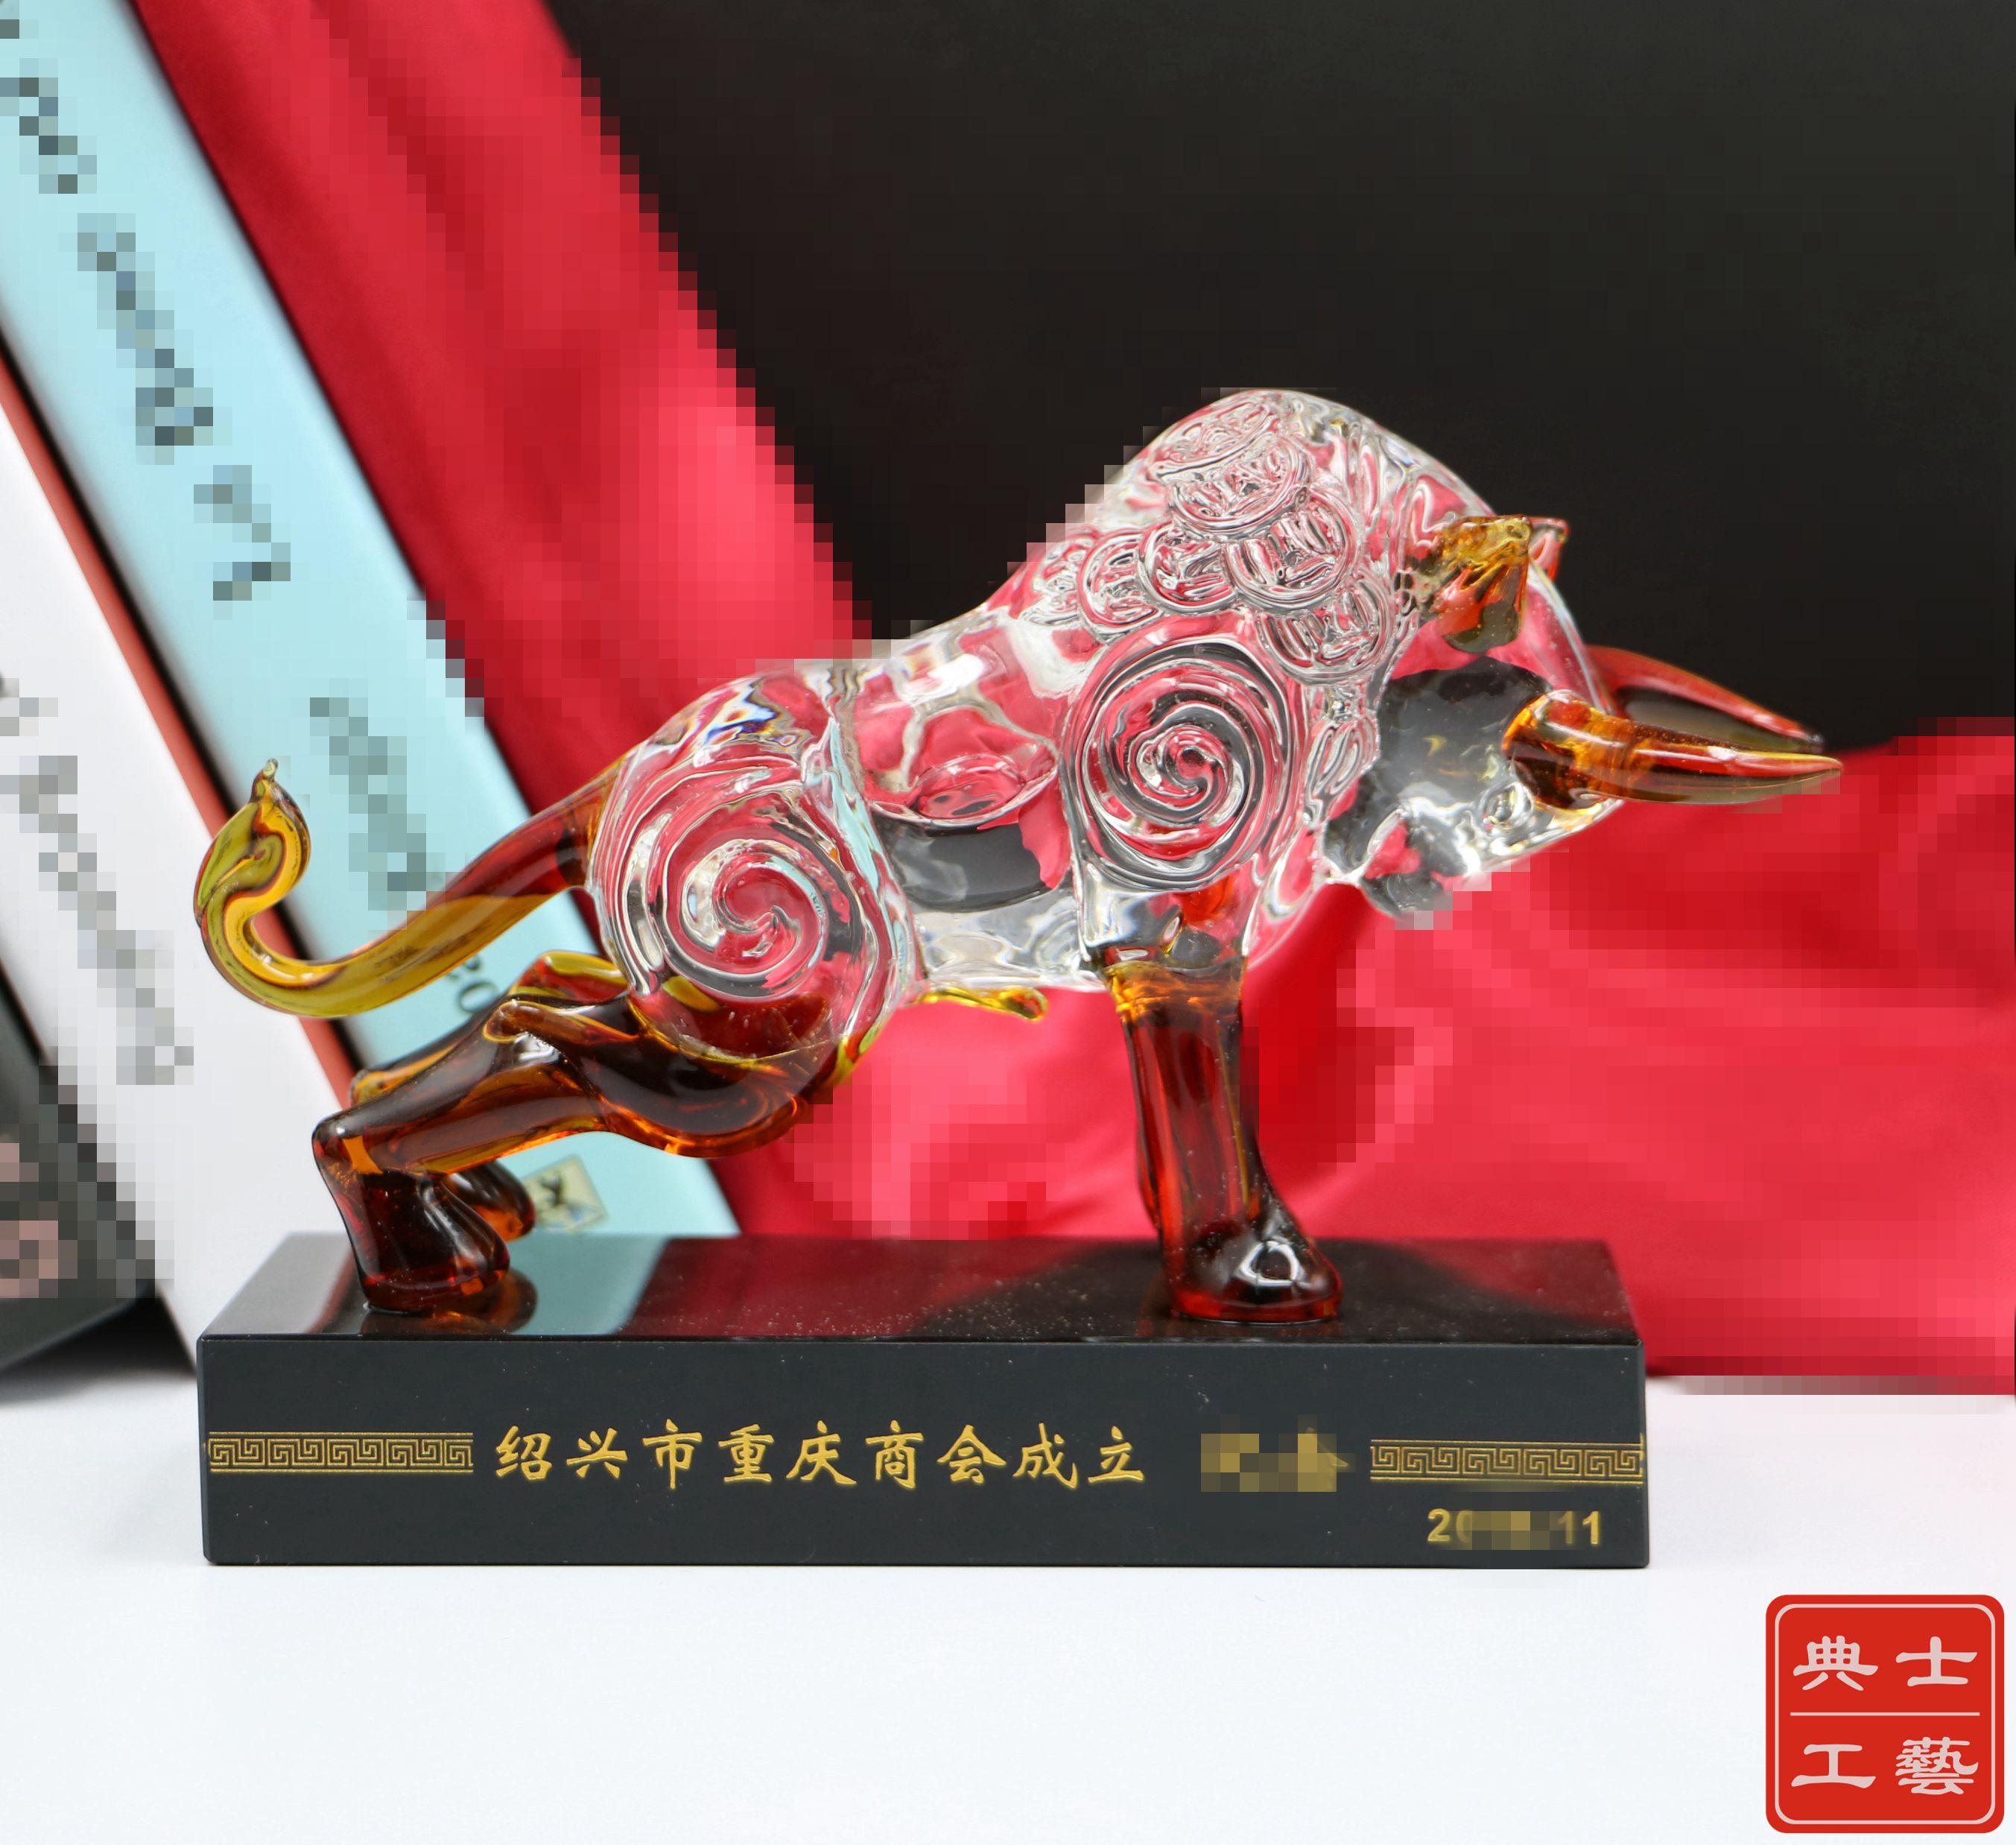 長沙居委會紀念品制作、行業商會活動禮品、會員大會紀念品定做